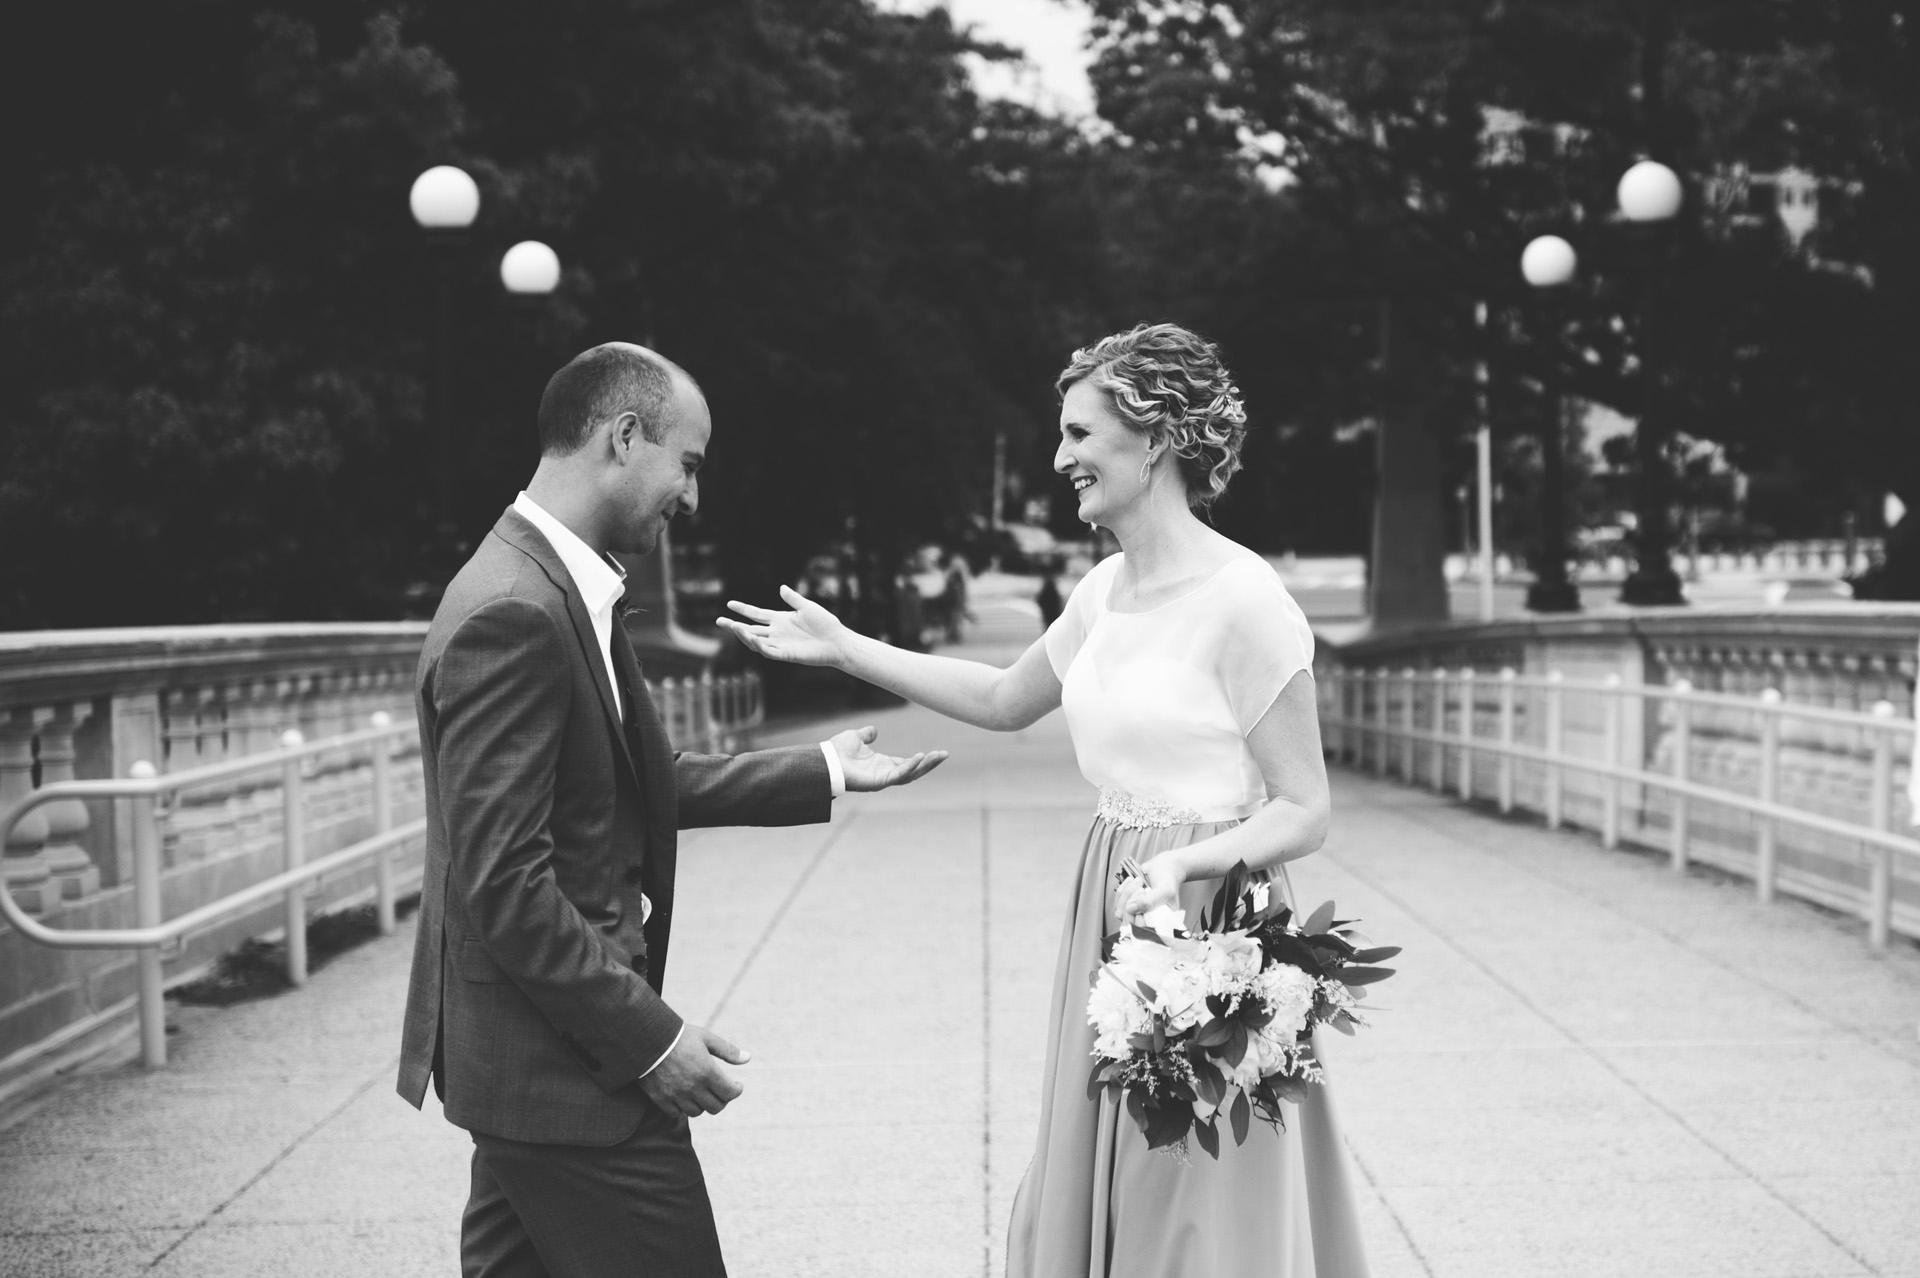 alden-harlow-wedding-photographer-15